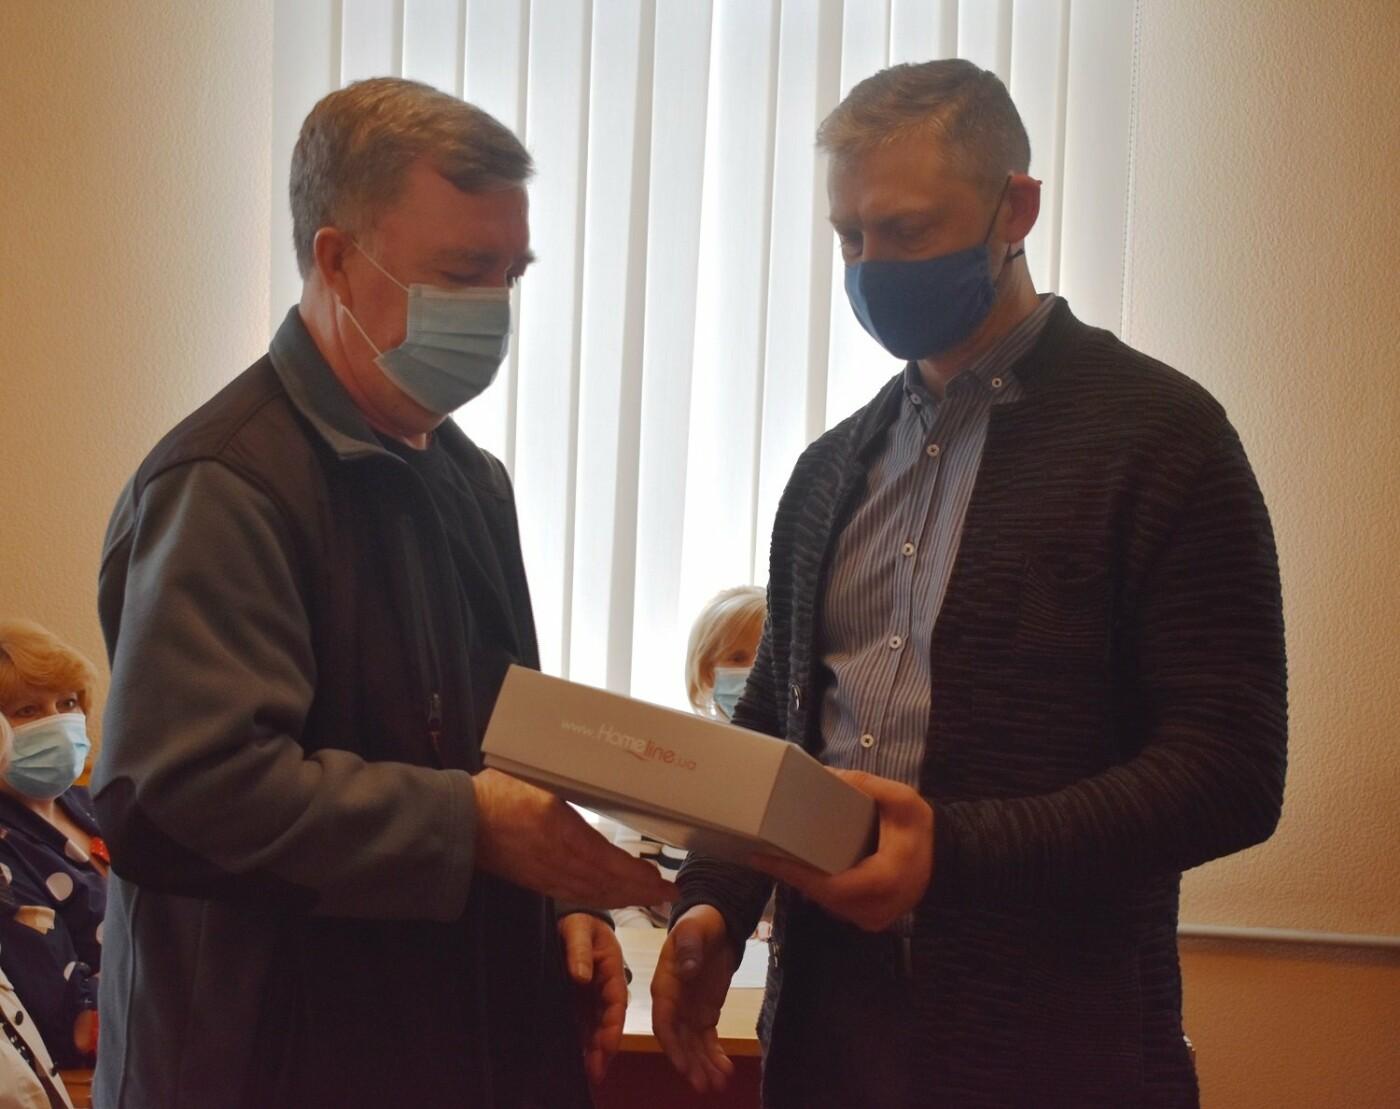 В Северодонецке наградили грамотами ликвидаторов чернобыльской катастрофы (фото), фото-9